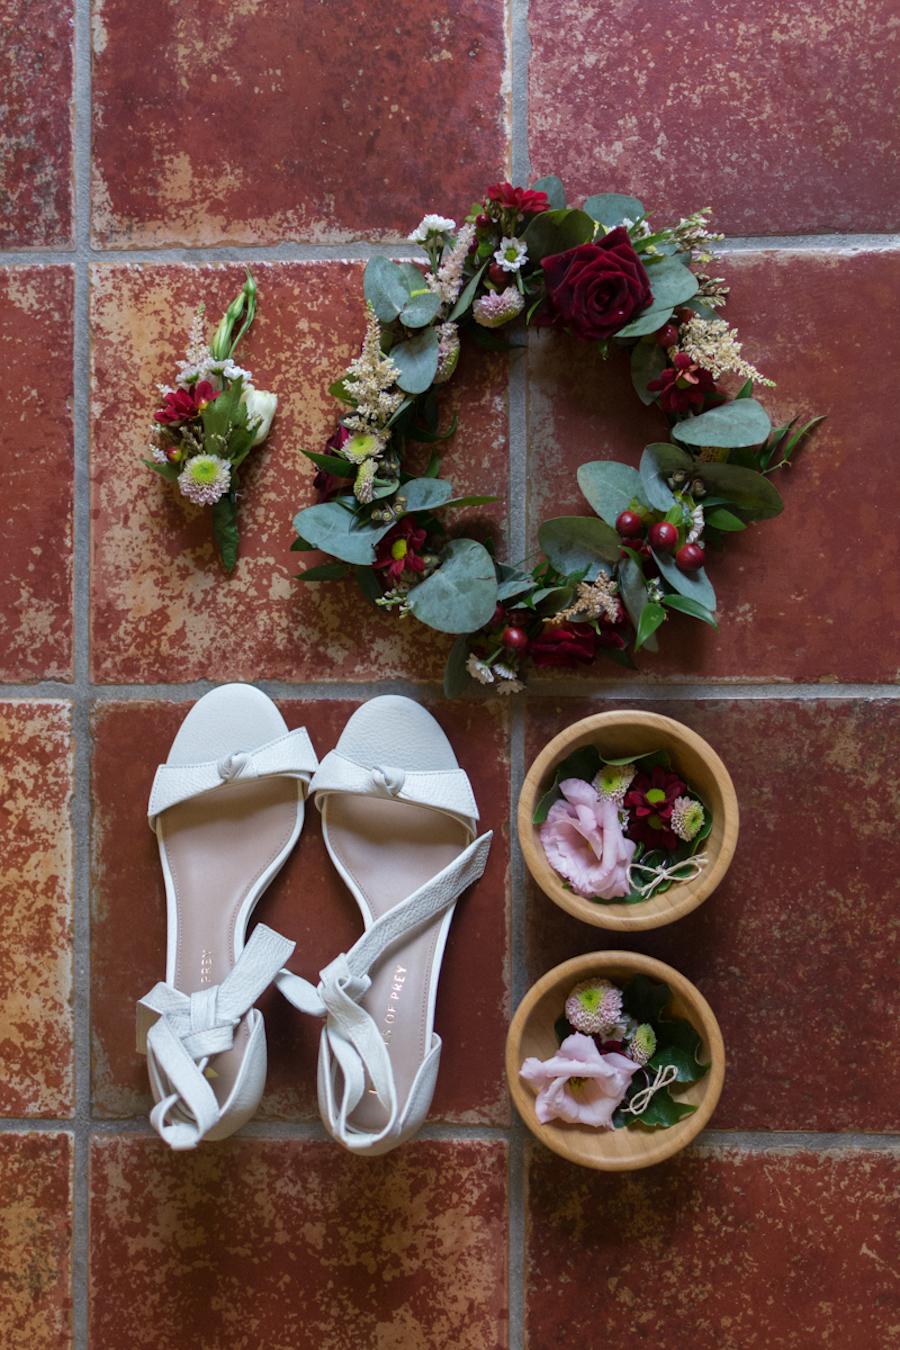 corona di fiori rosa e bordeaux